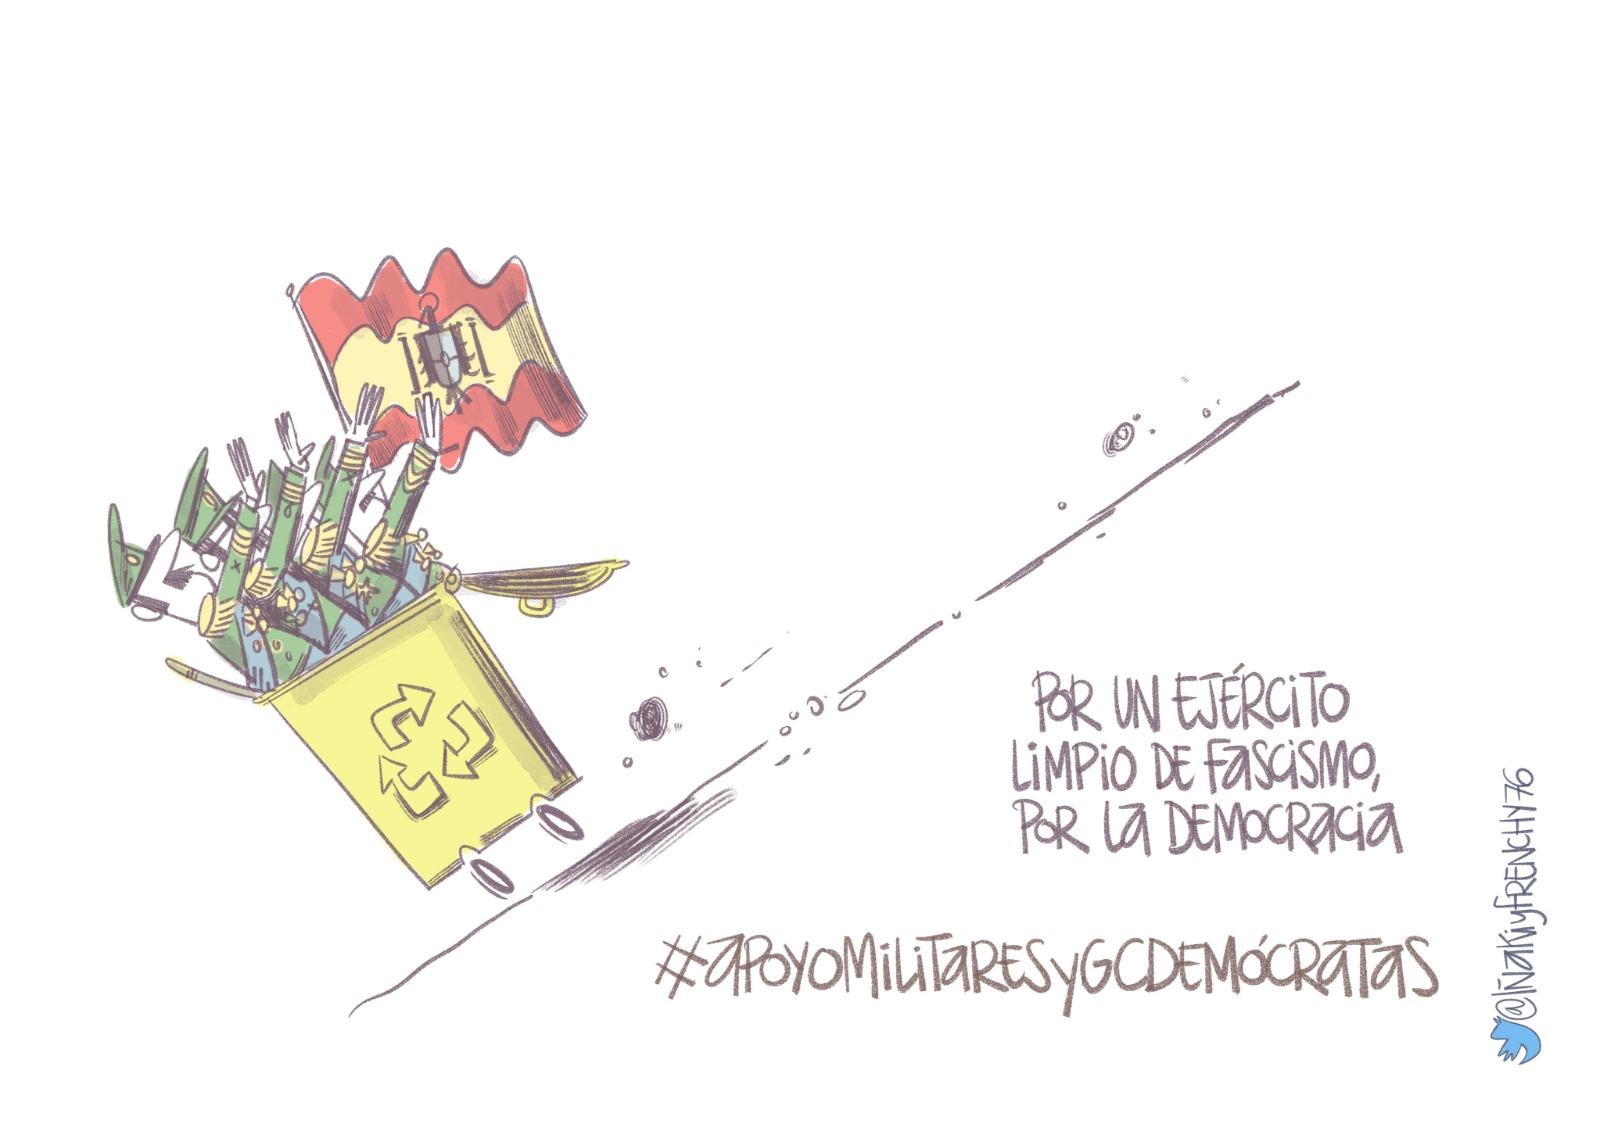 POR UN EJÉRCITO LIMPIO DE FASCISMO , POR LA DEMOCRACIA #APOYOMILITARESYGCDEMÓCRATAS (Viñeta de Iñaki & Frenchy)